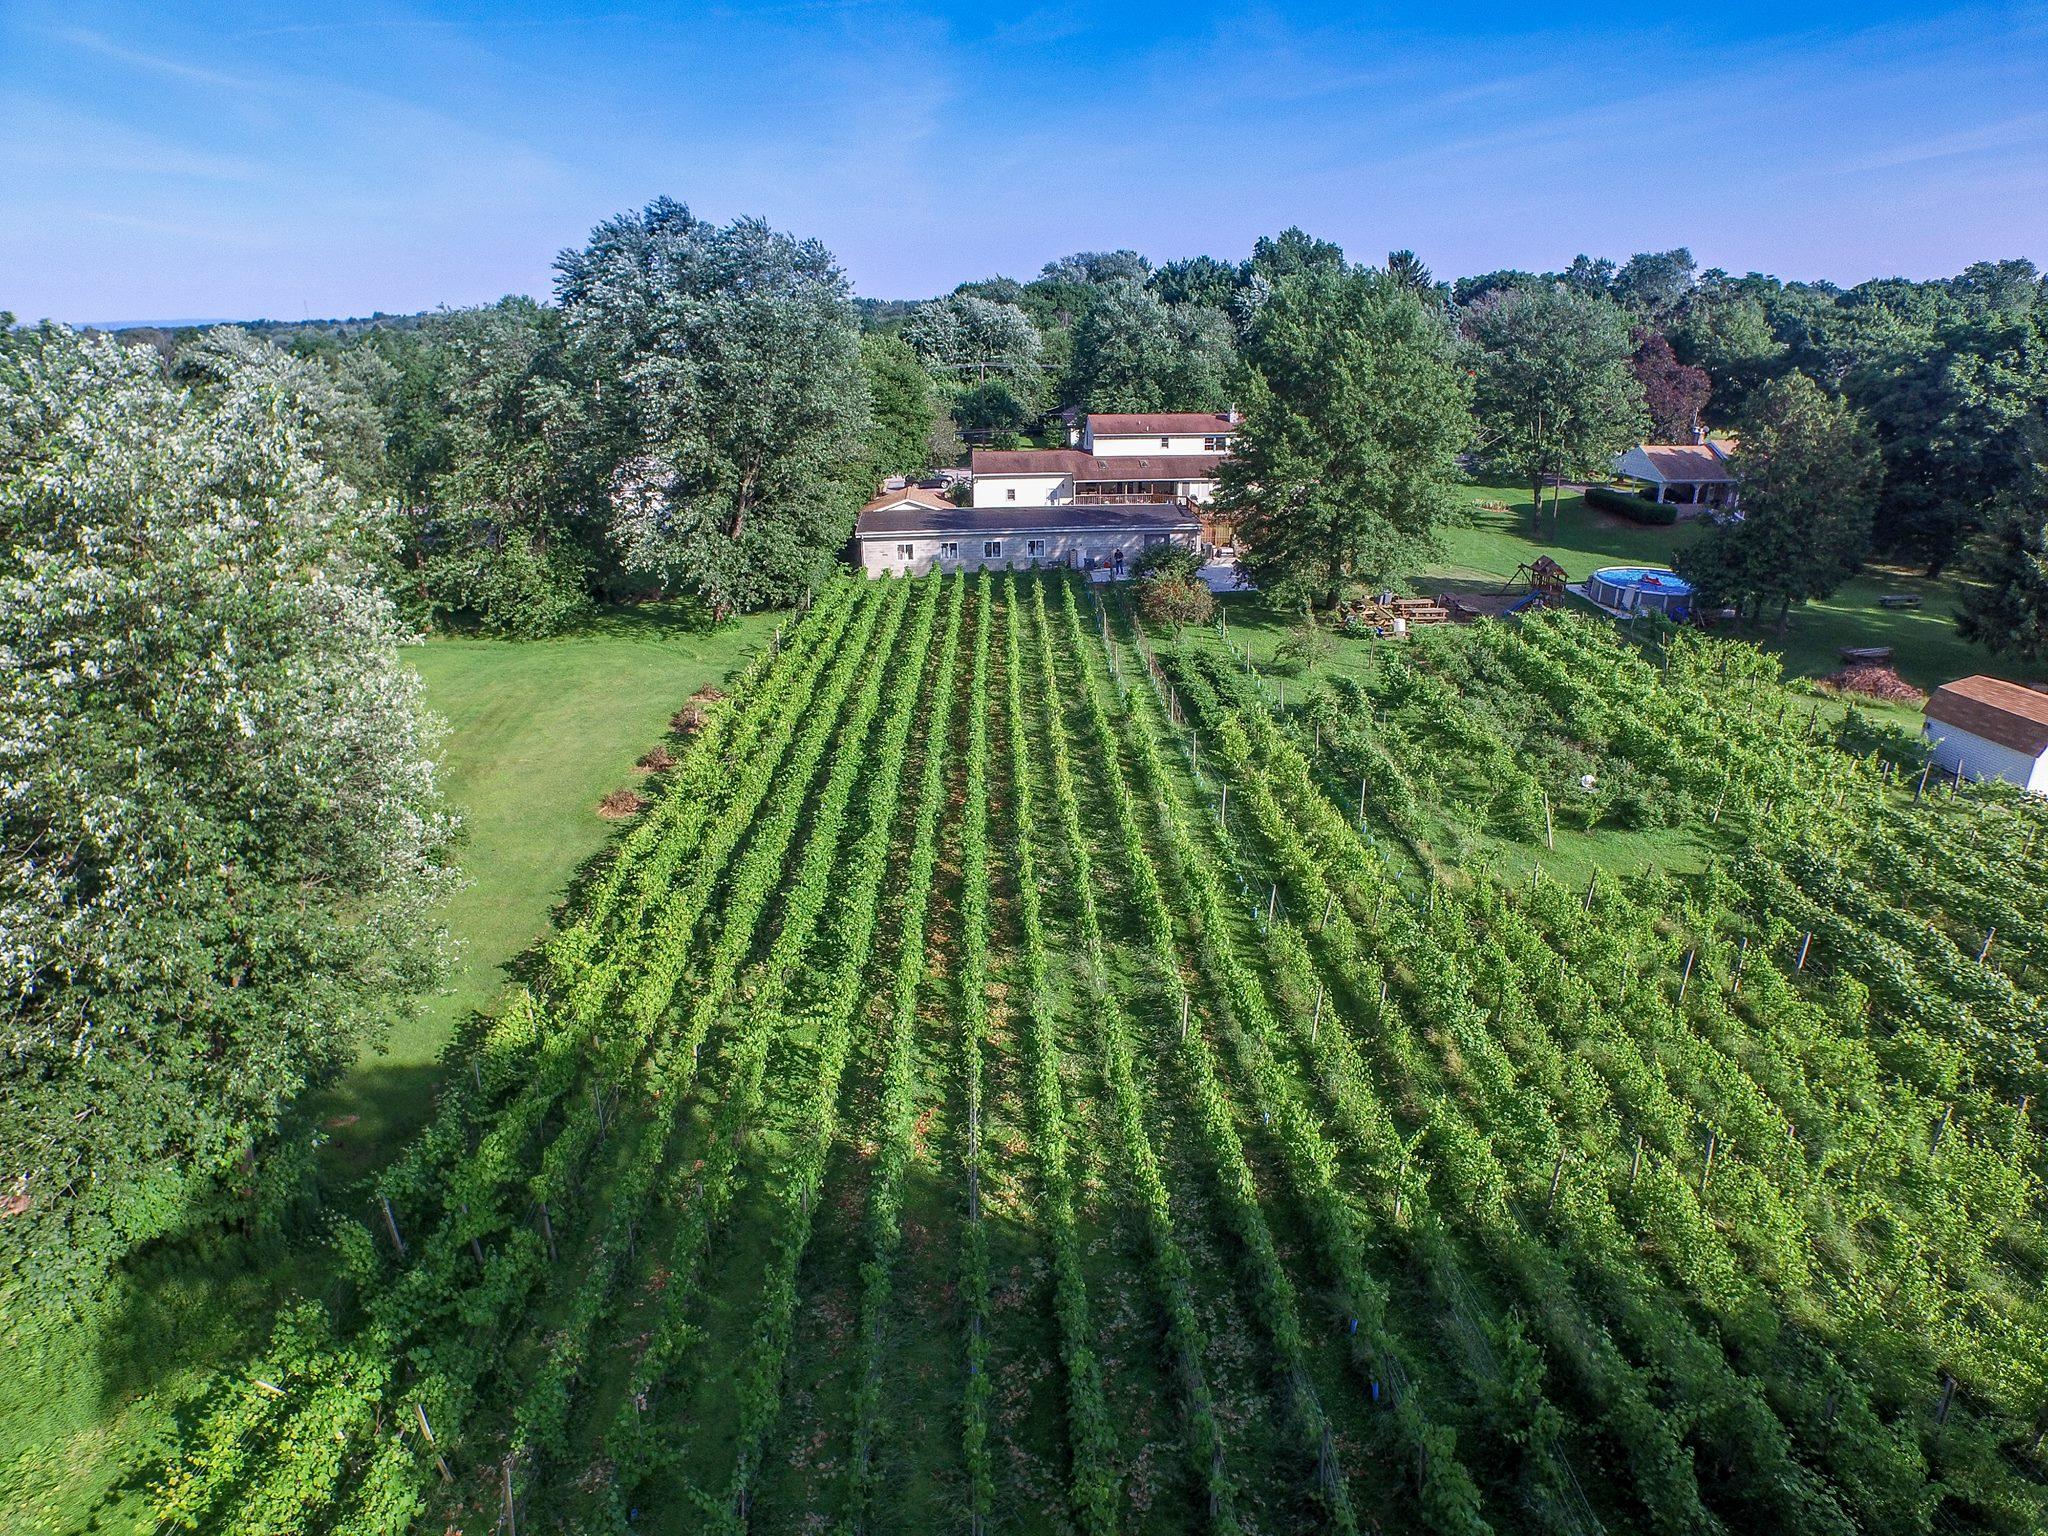 West Hanover Winery farm